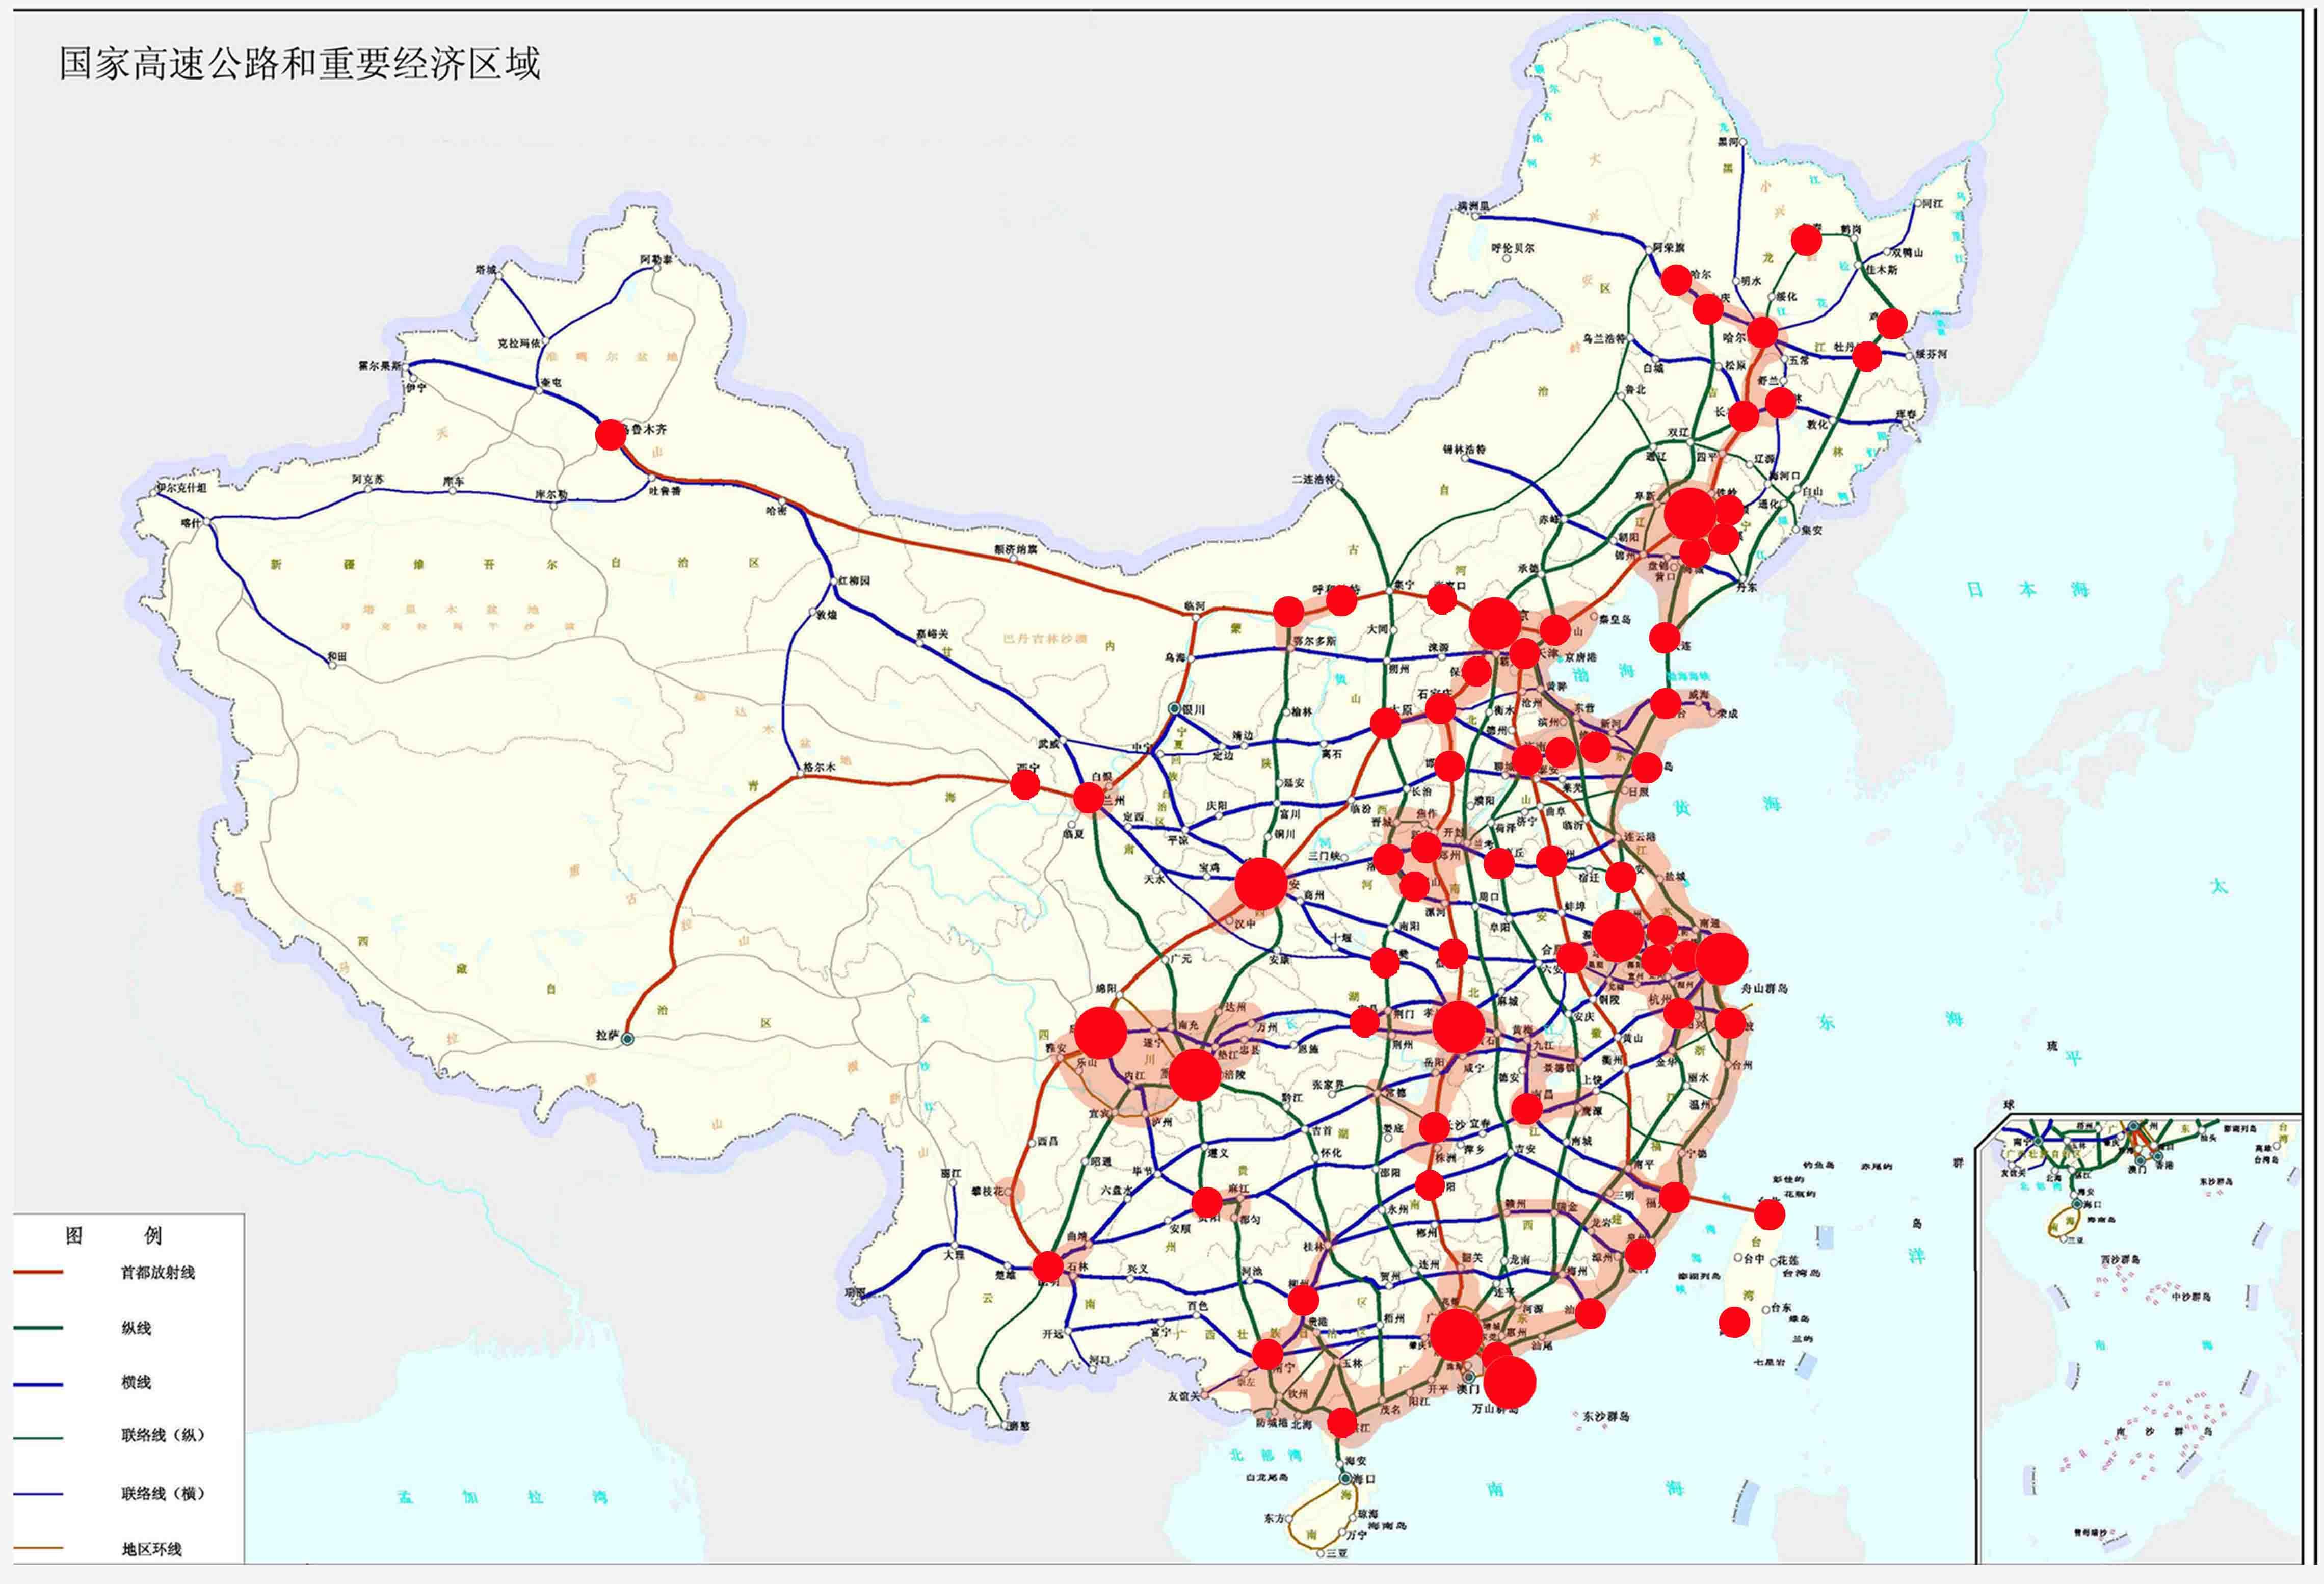 中国百万人口城市分布图